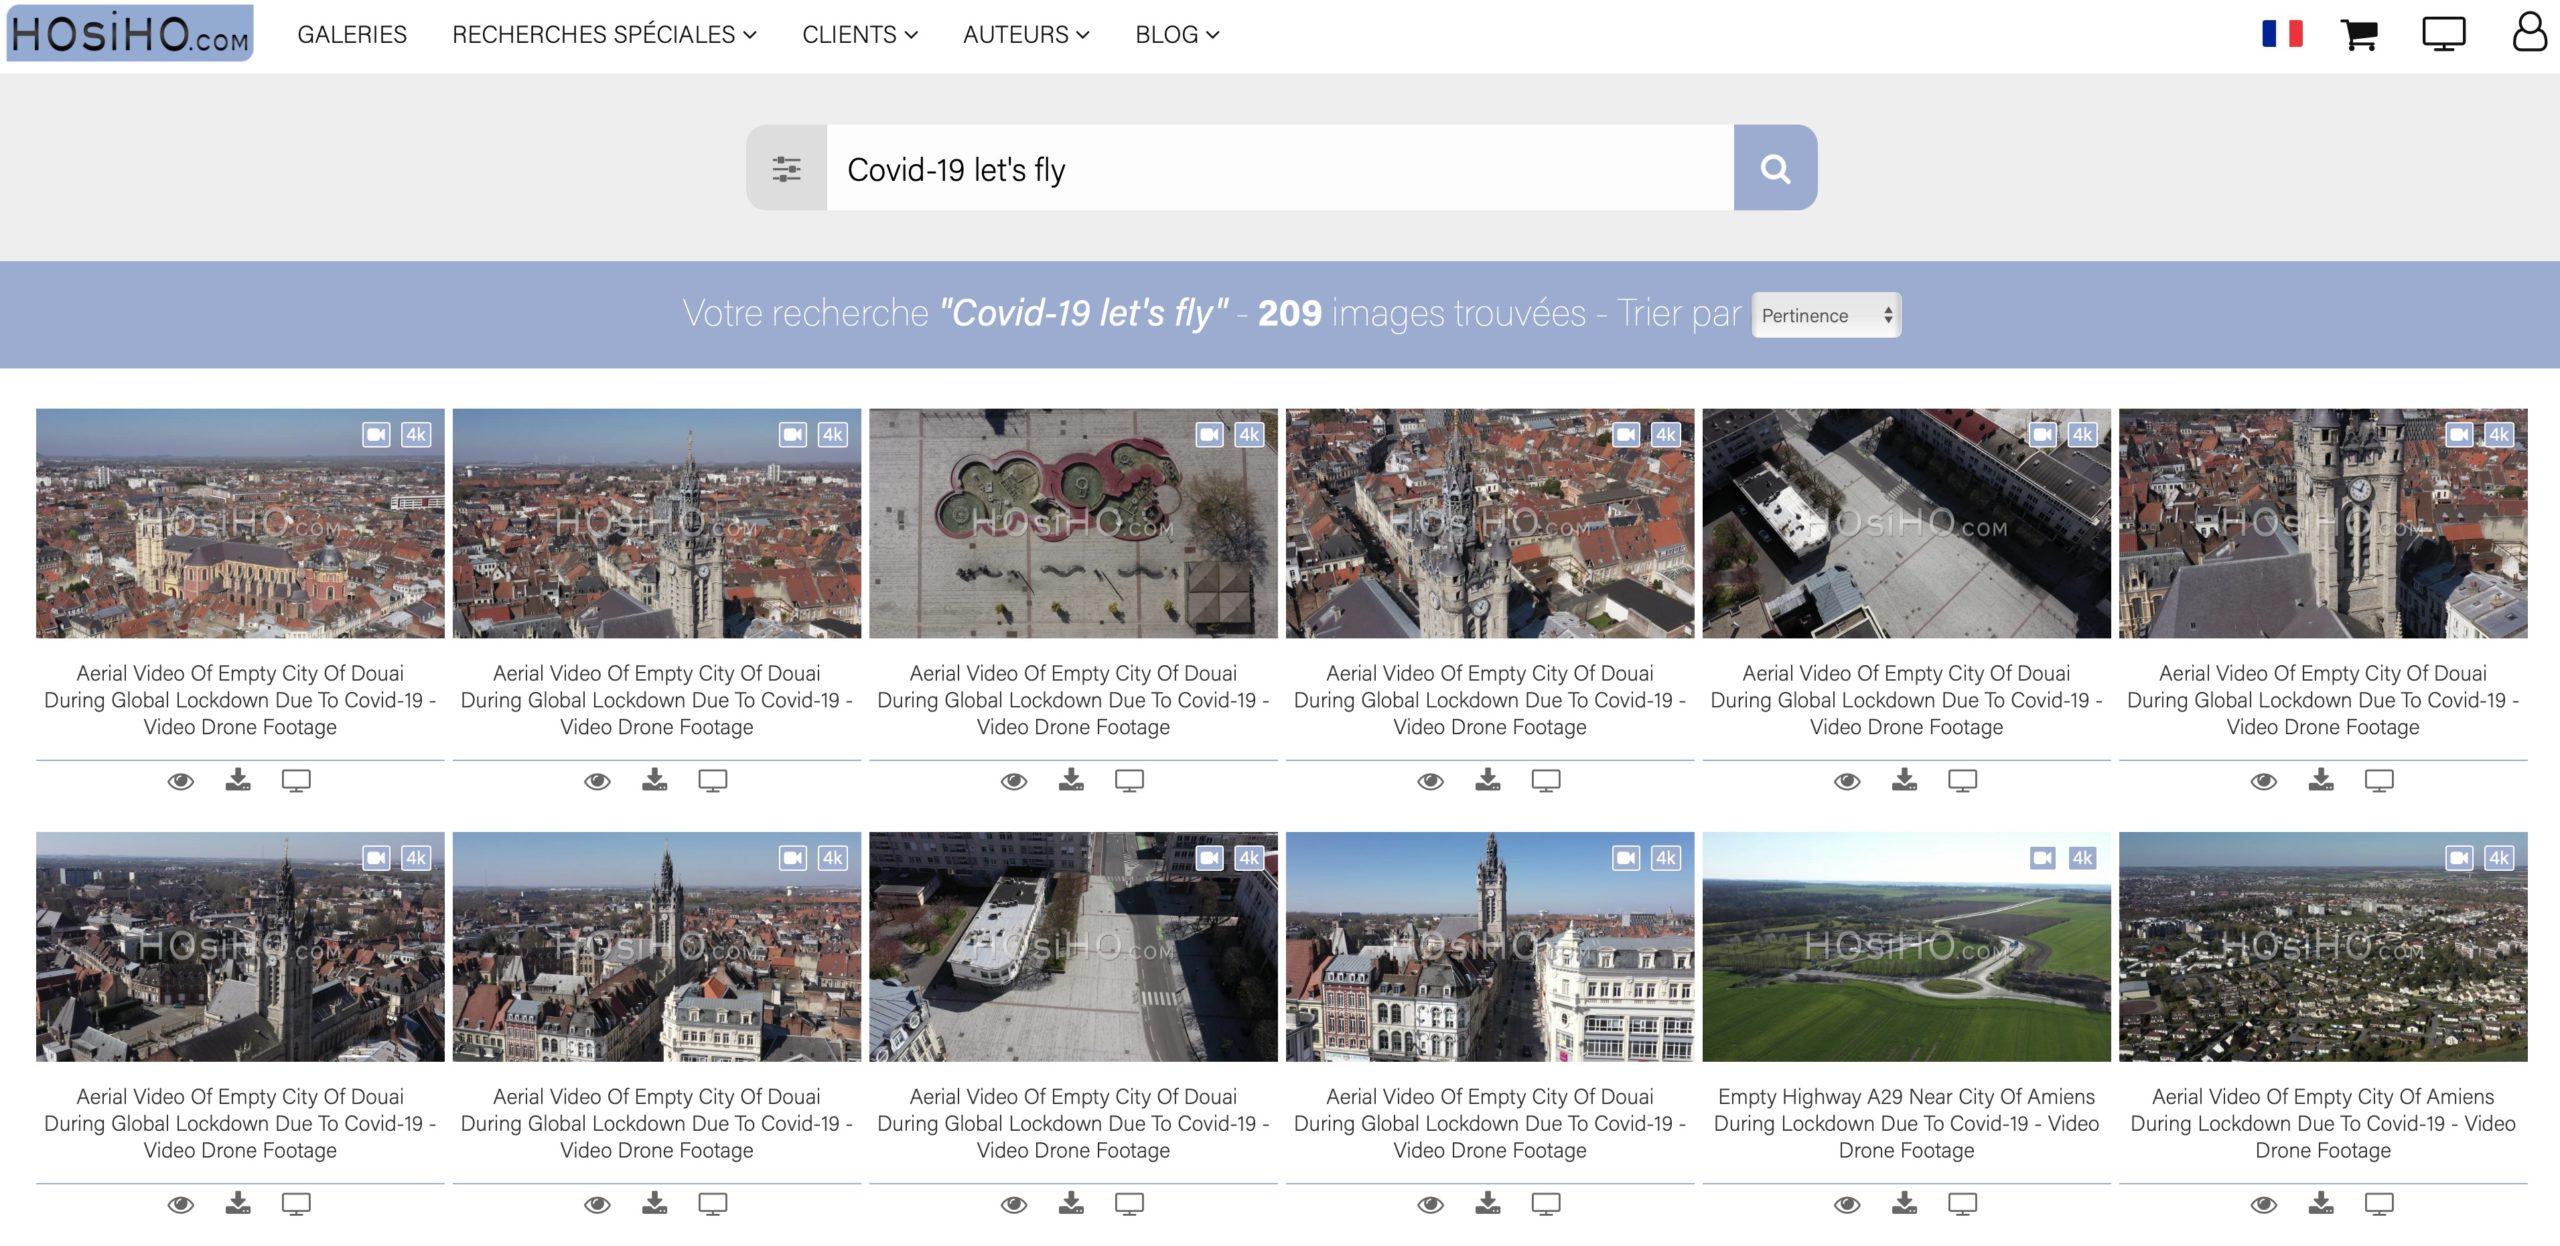 Banque d'image 4K vue drone lille nord hauts de france Covid 19